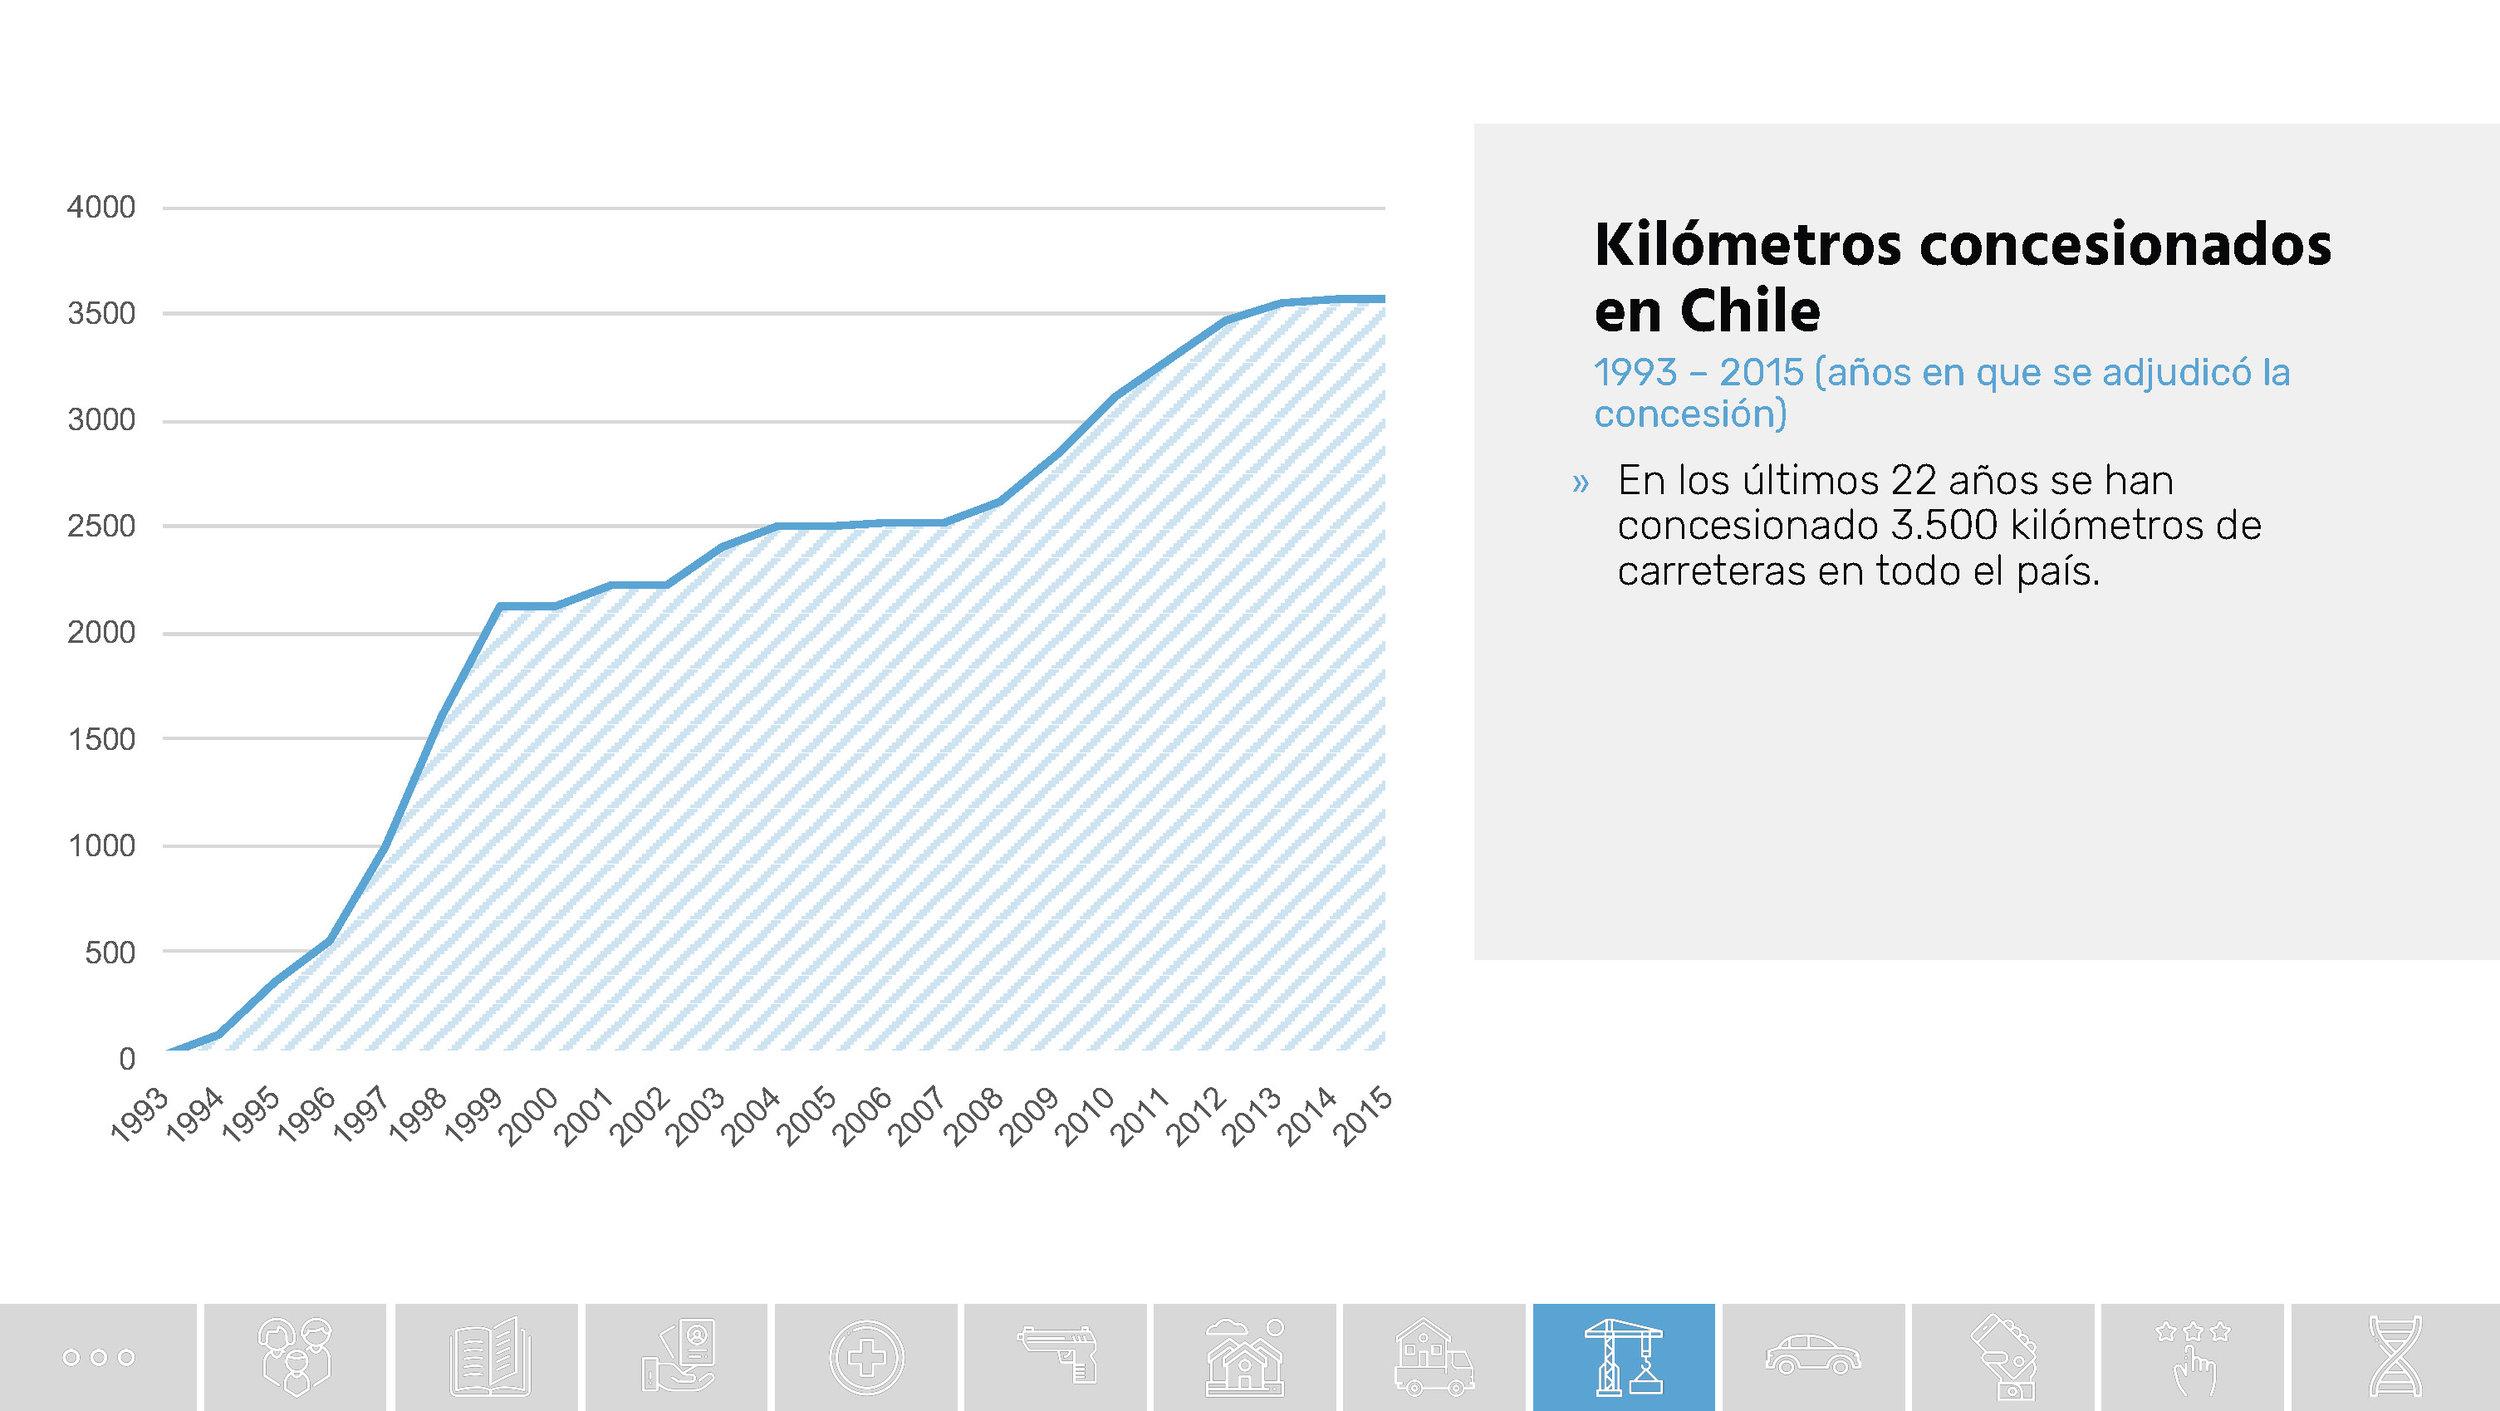 Chile_Datos de una transformacion social_Unholster_Página_56.jpg